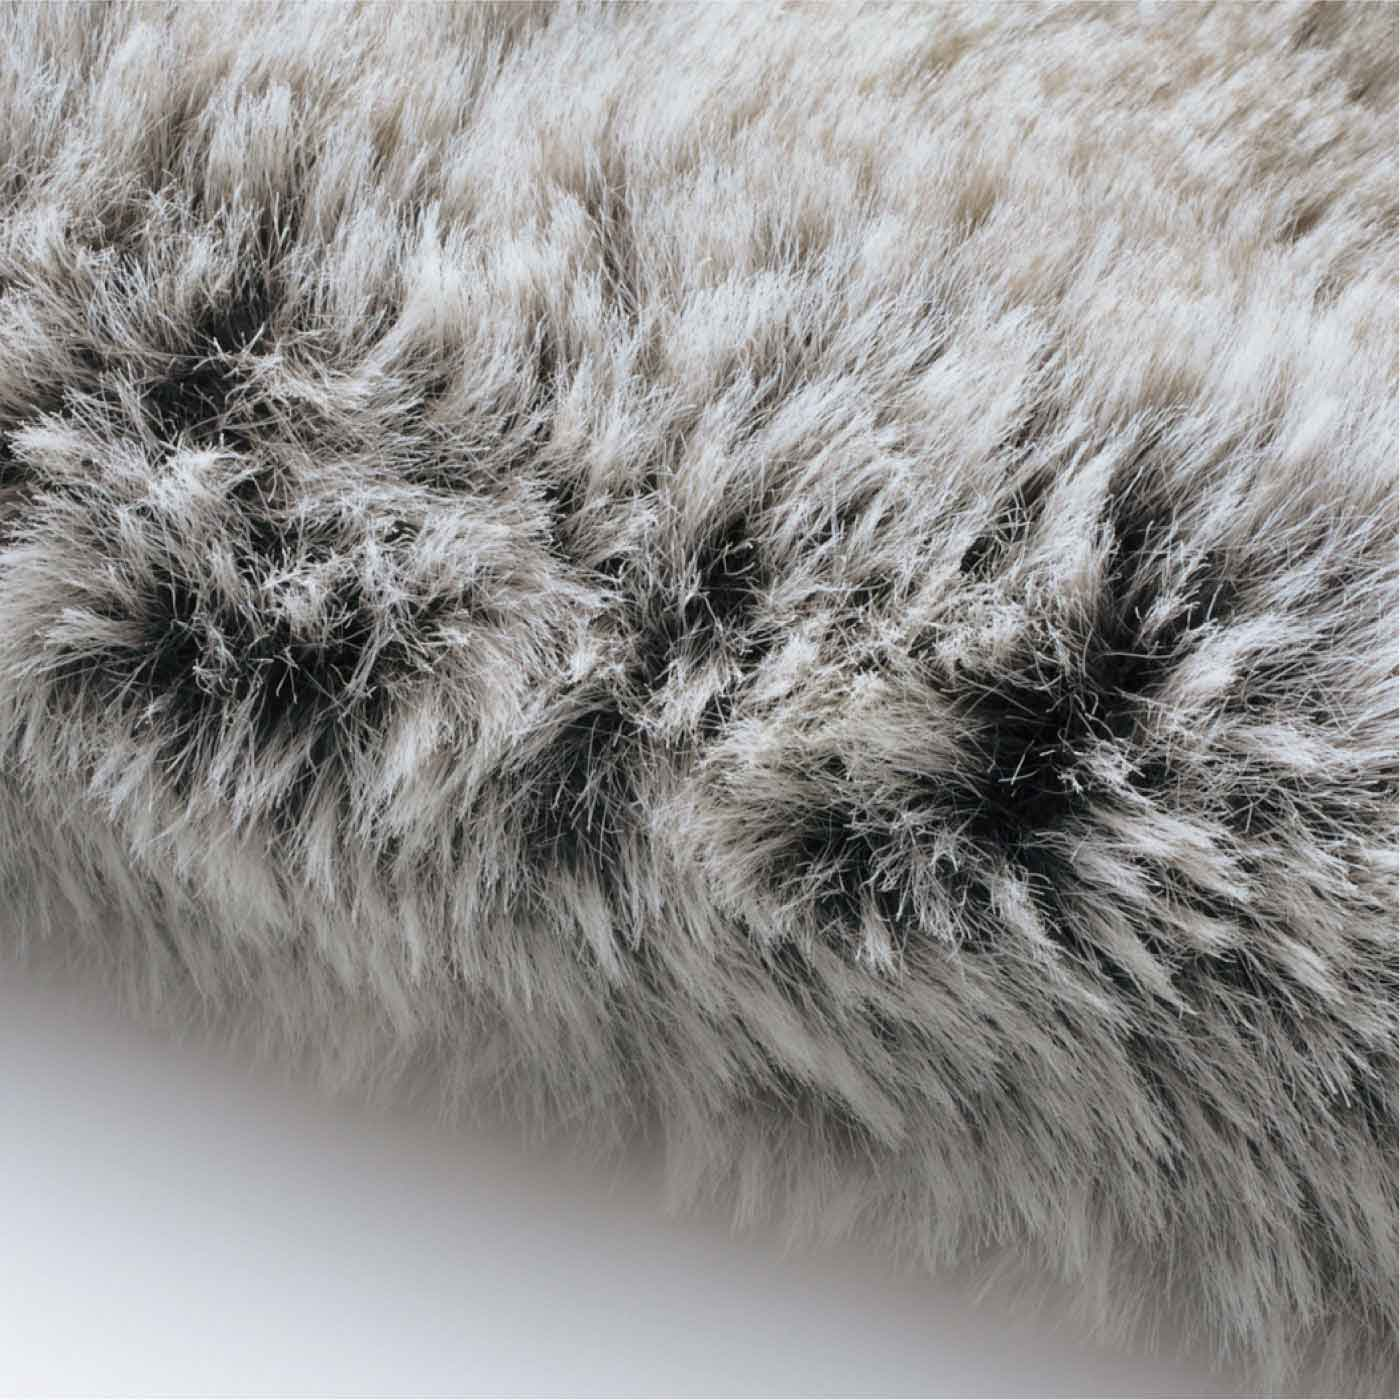 フェイクファーは毛足が長く、グラデーションをほどこしているので、とてもリアルな風合い。